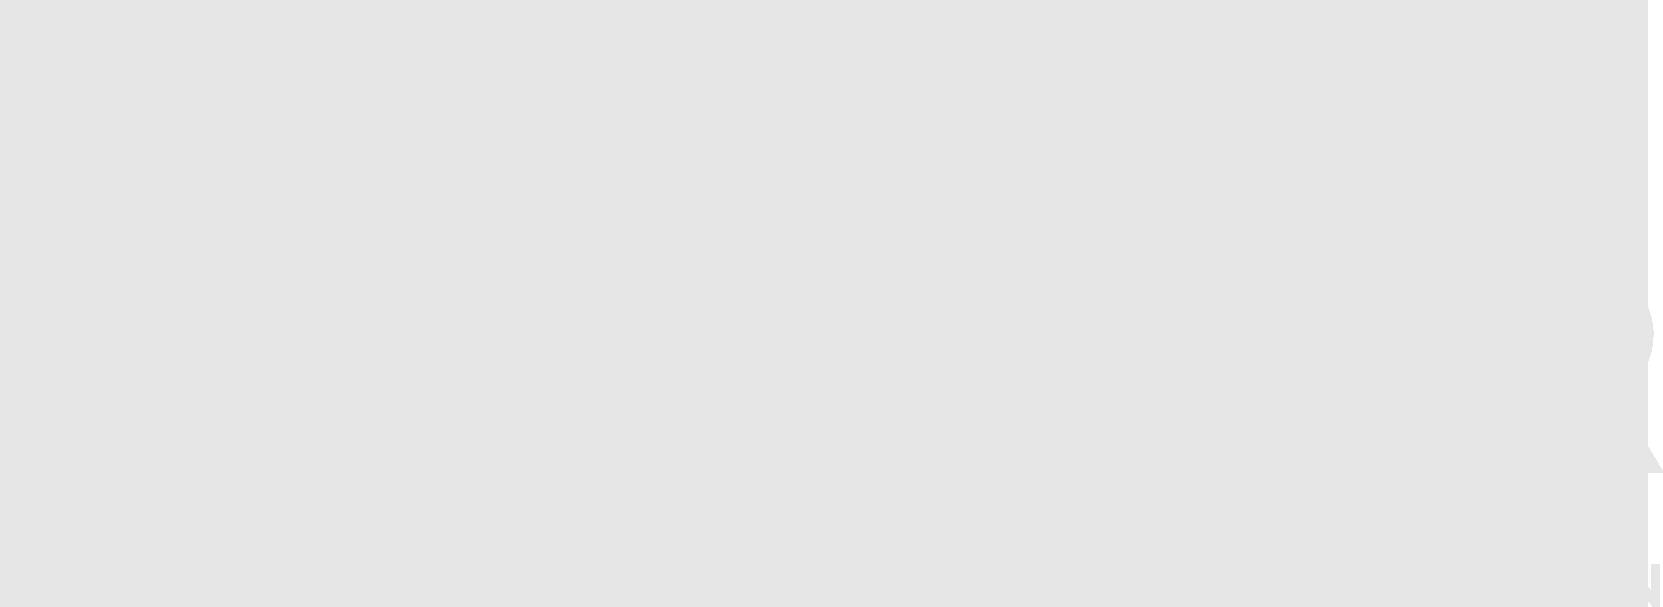 KULT MINOR Fond